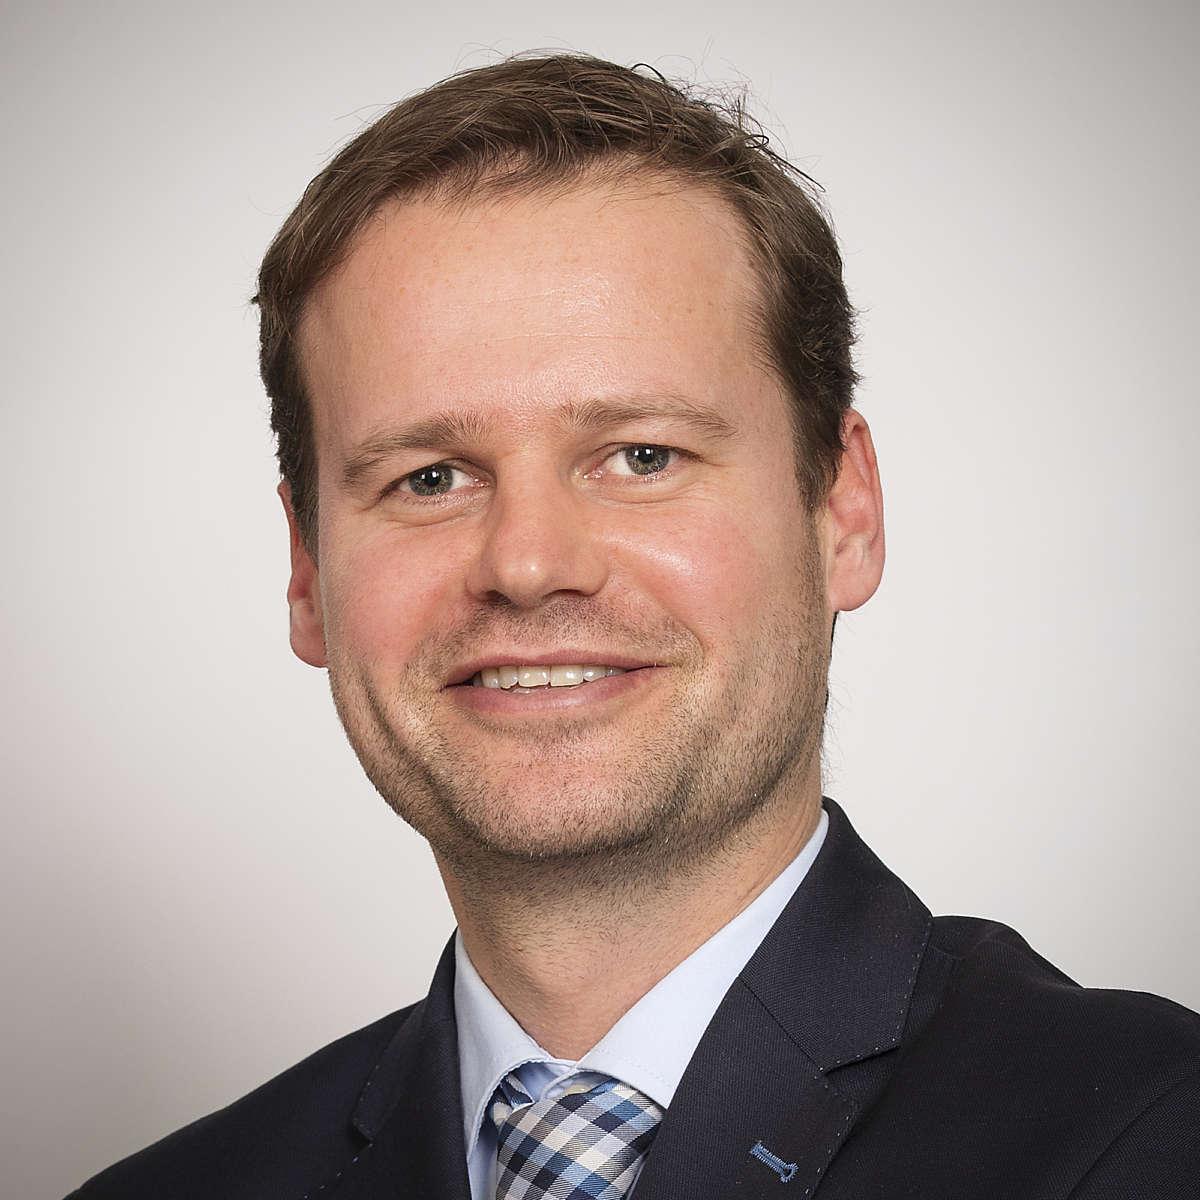 Maarten Brouwer